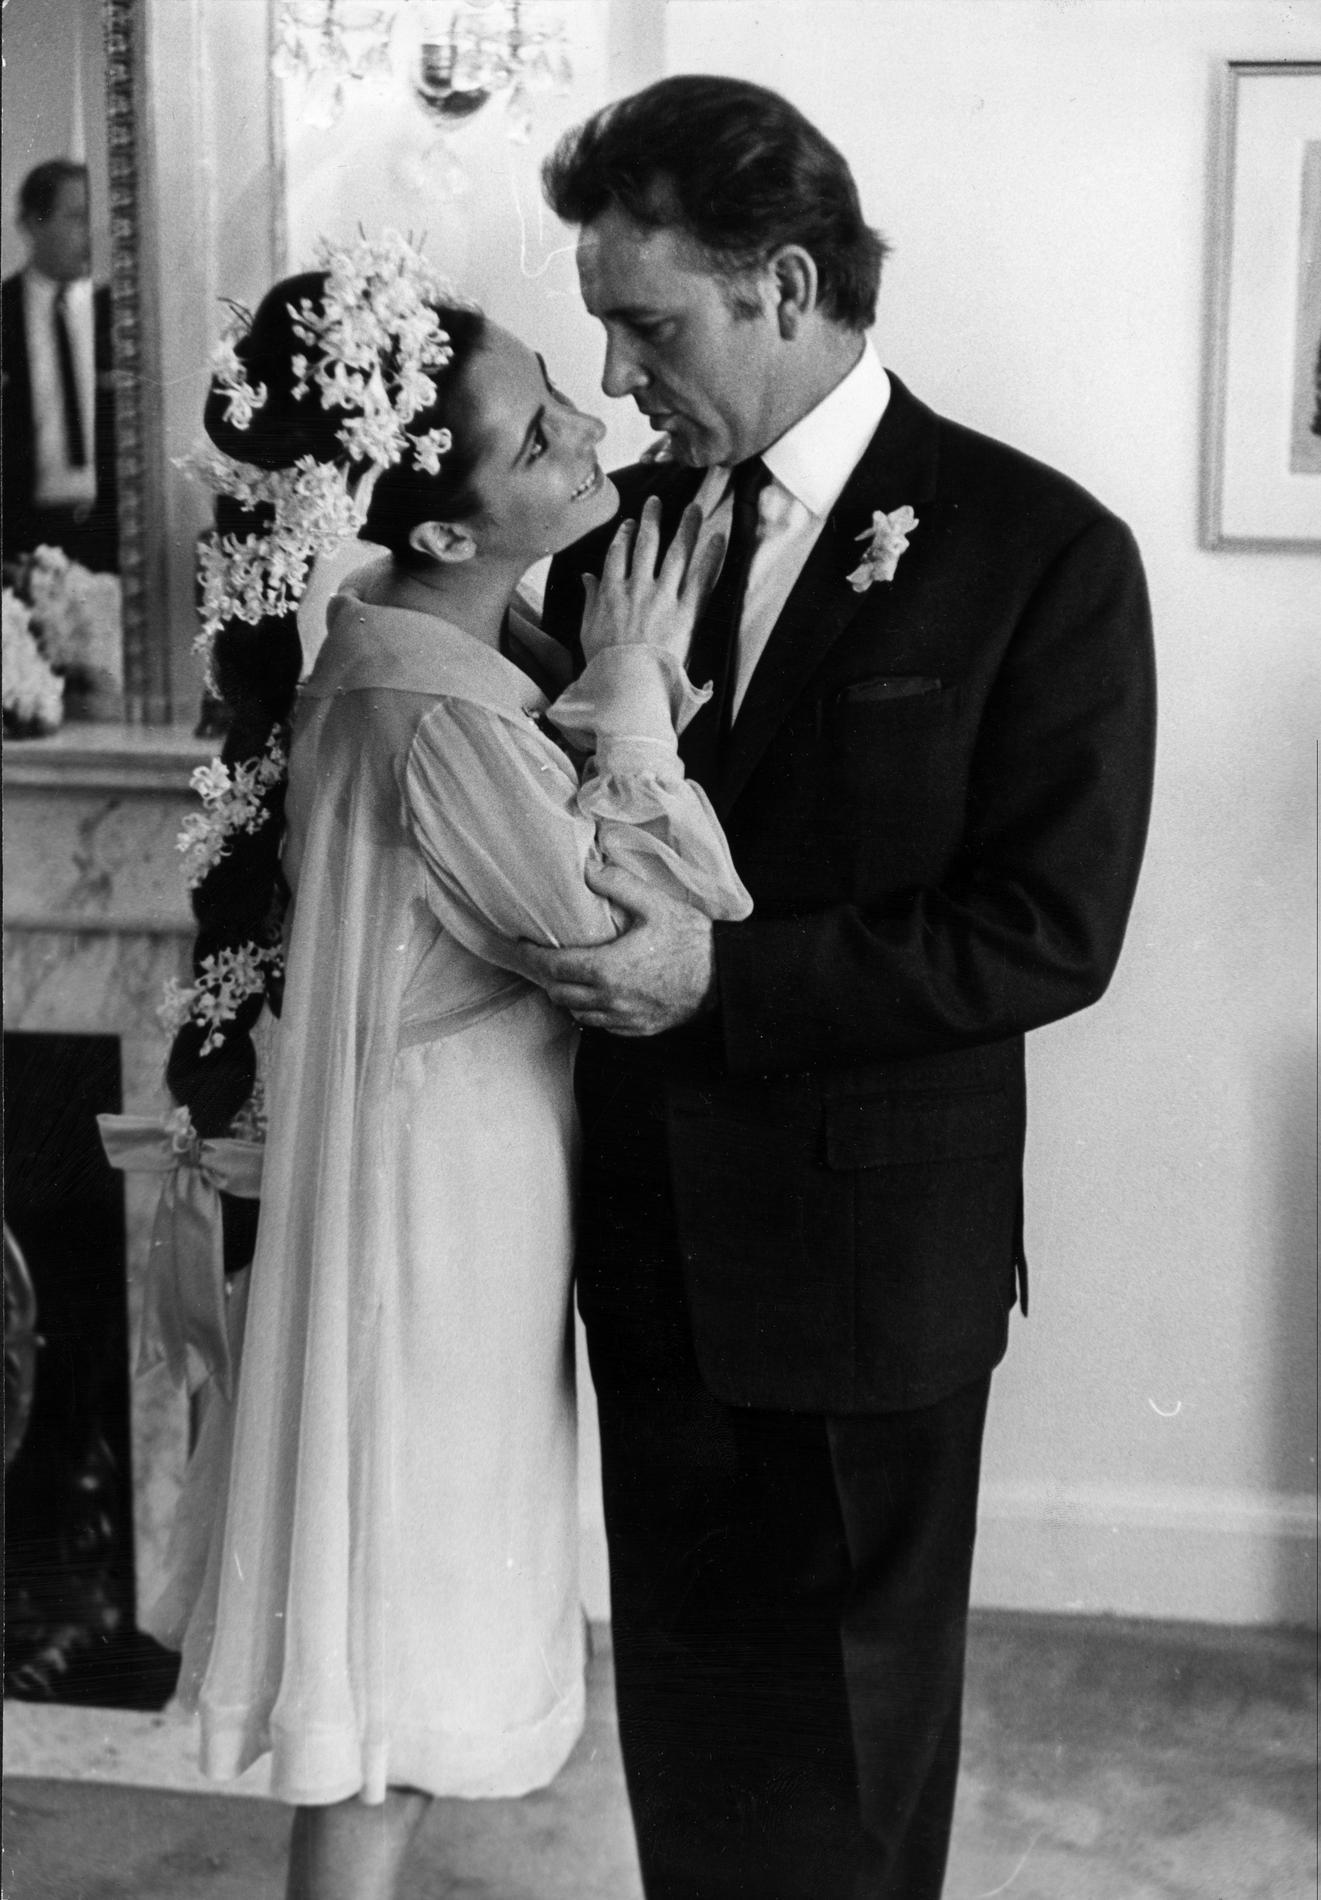 Les plus belles coiffures de mariage des stars madame figaro - Les plus belle coiffure de mariage ...